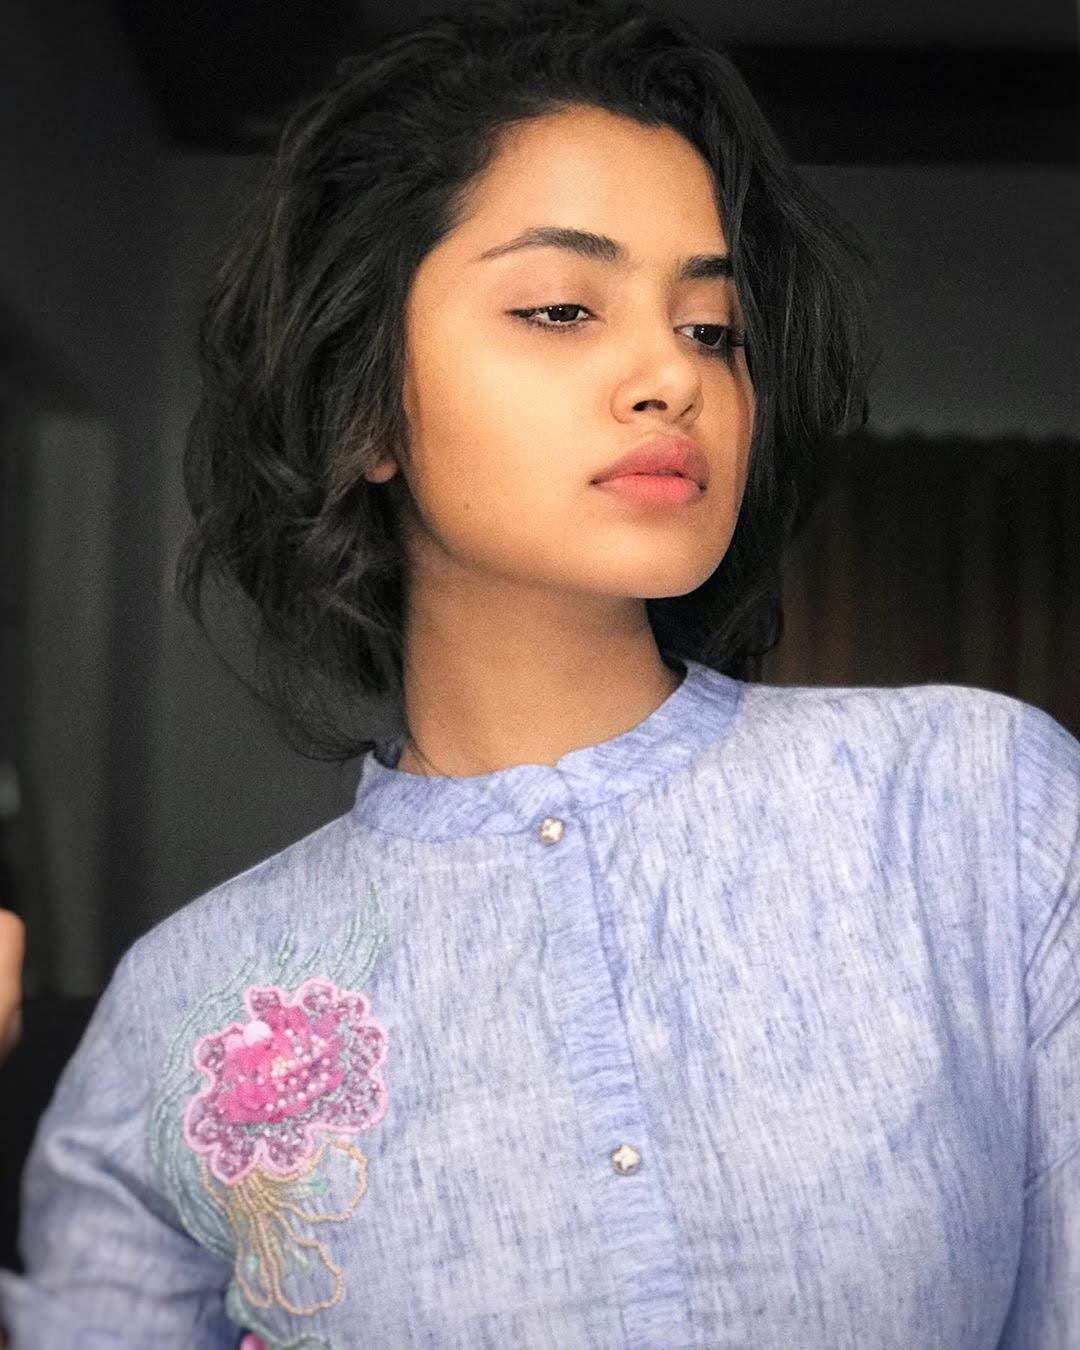 anupama_parameswaran_152